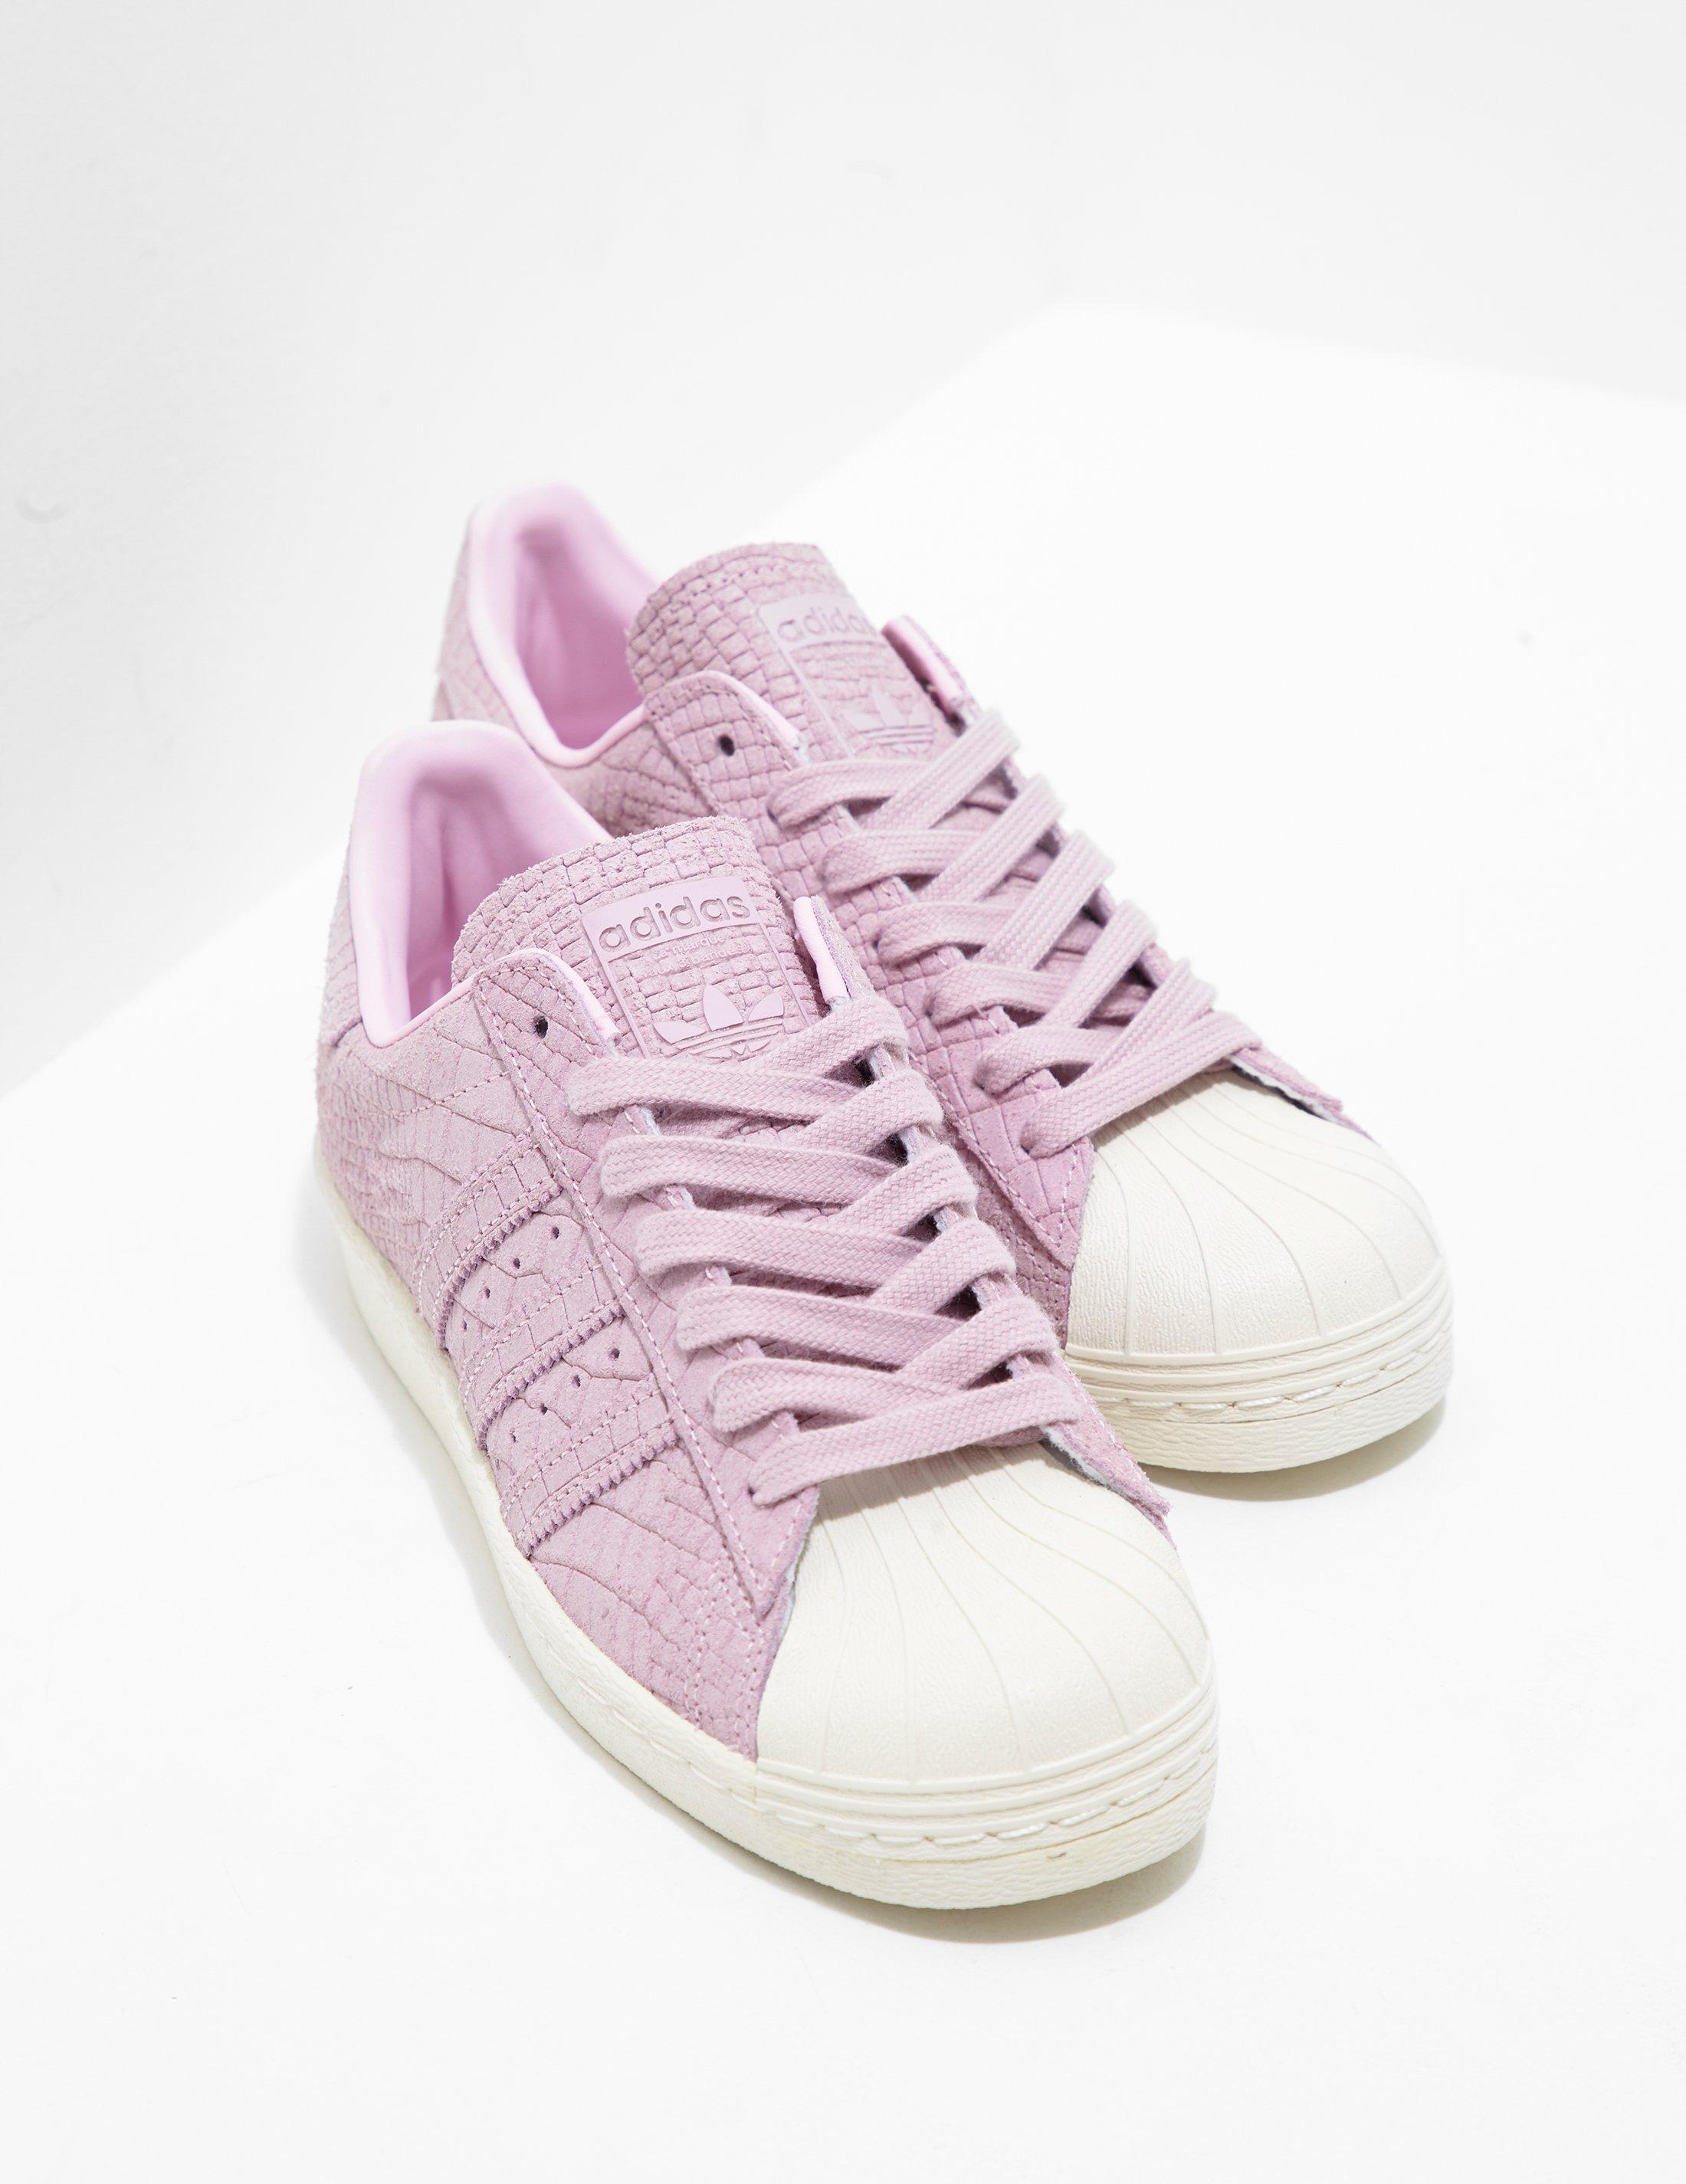 dd2d275fd011 Lyst - adidas Originals Superstar Croc Pink in Pink - Save 17%